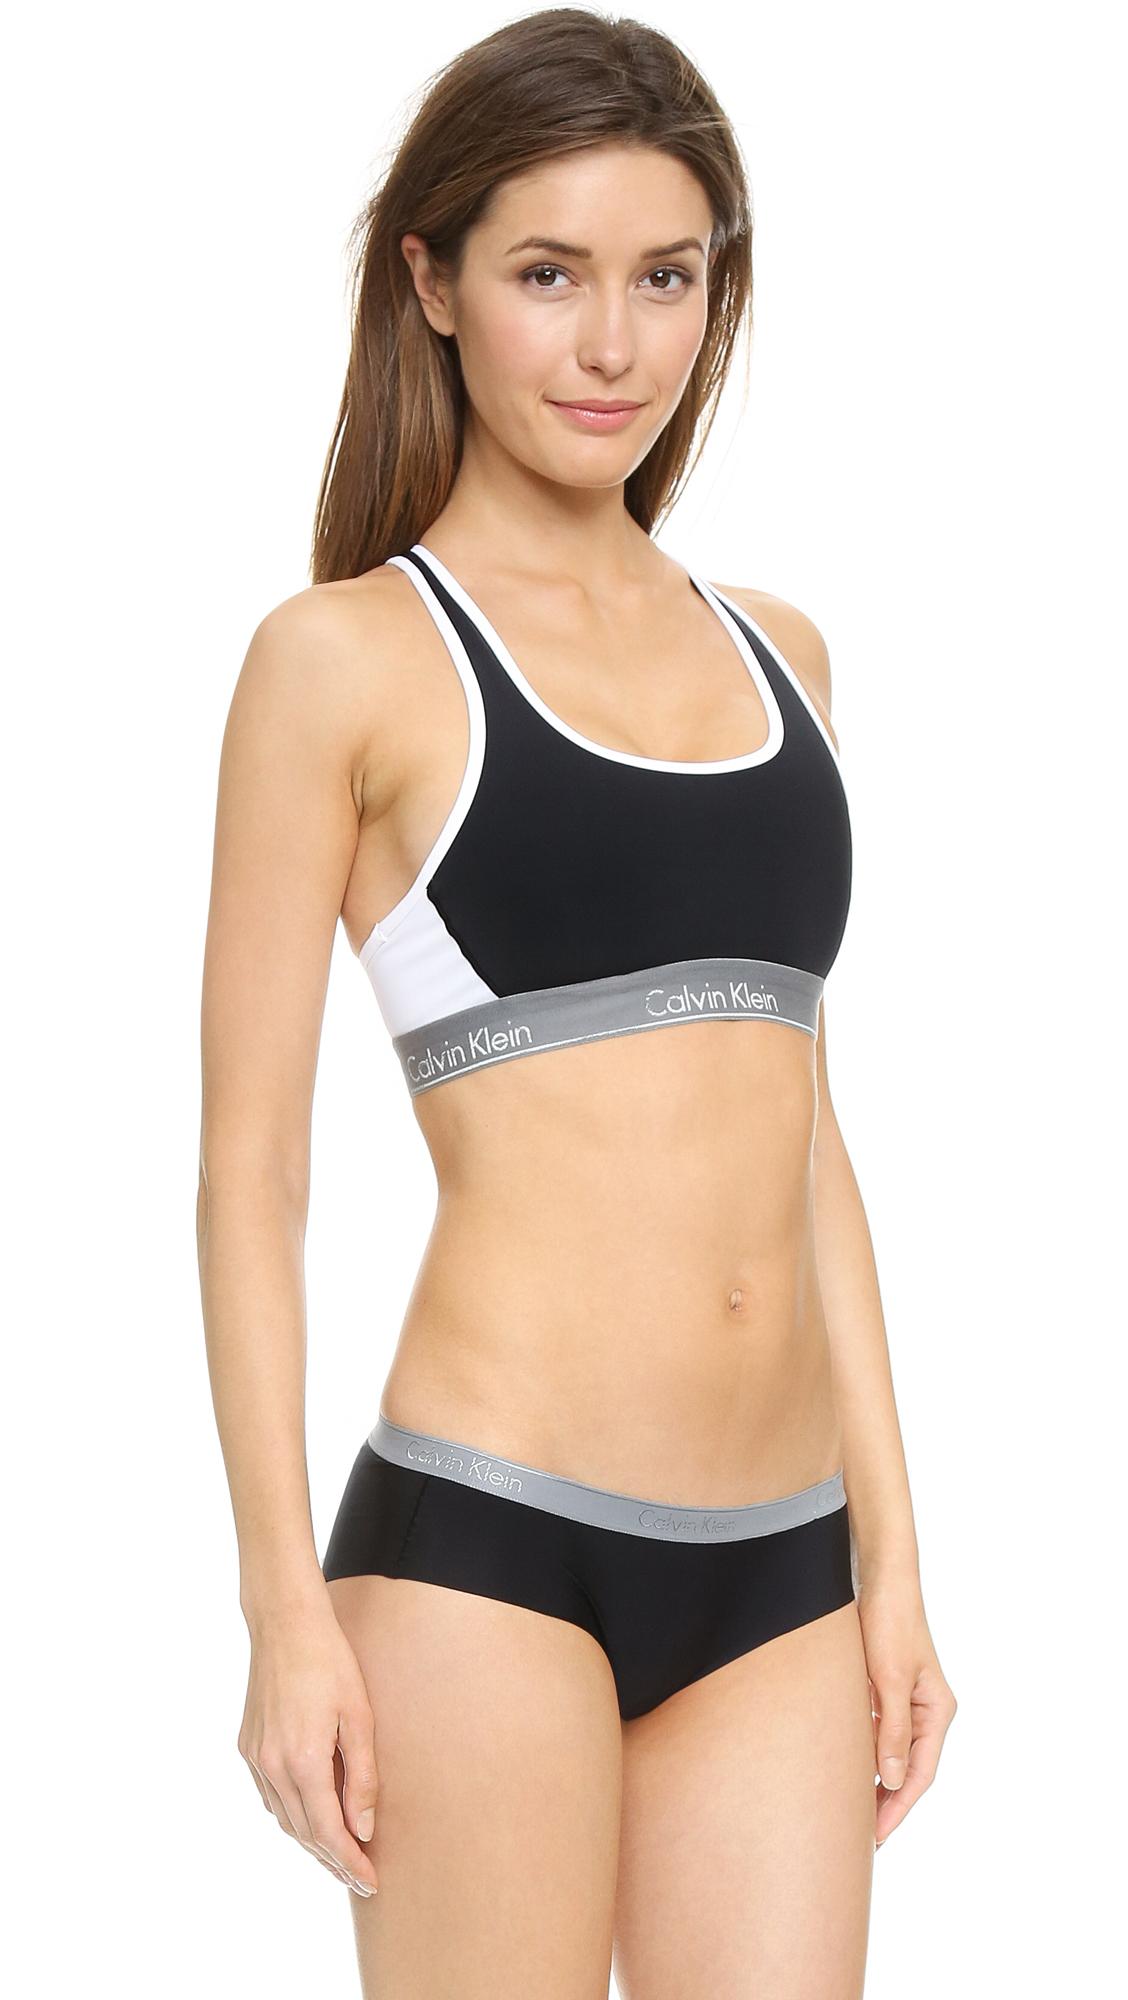 b174b27240 Calvin Klein Underwear Flex Motion Impact Racer Back Bra